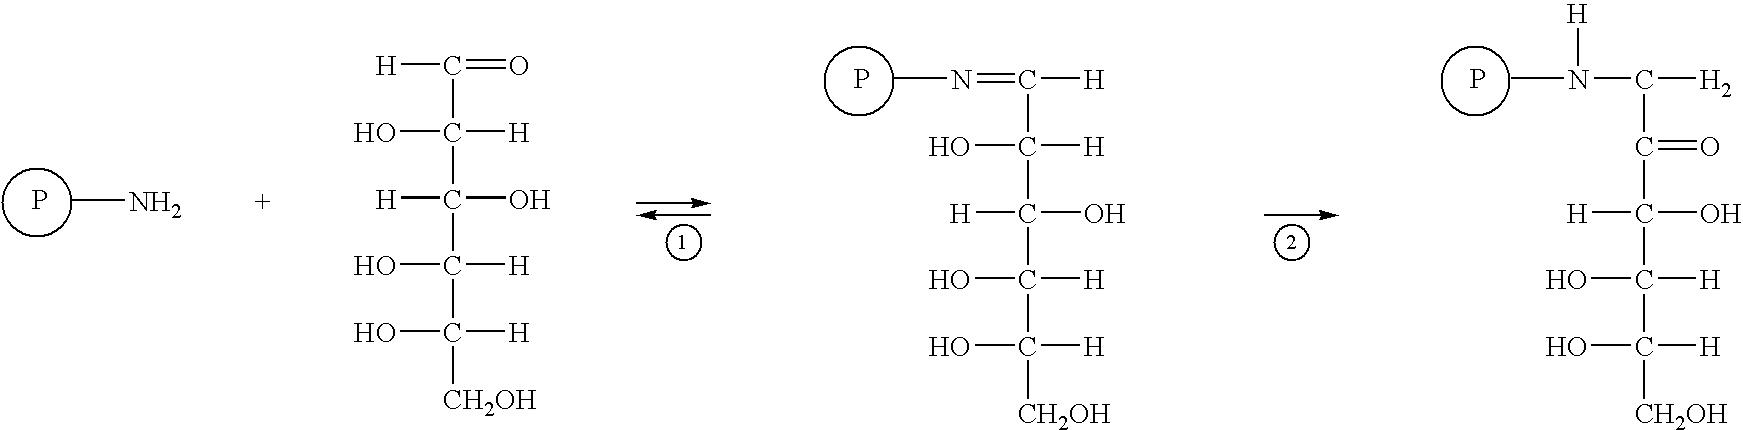 Figure US07361513-20080422-C00001